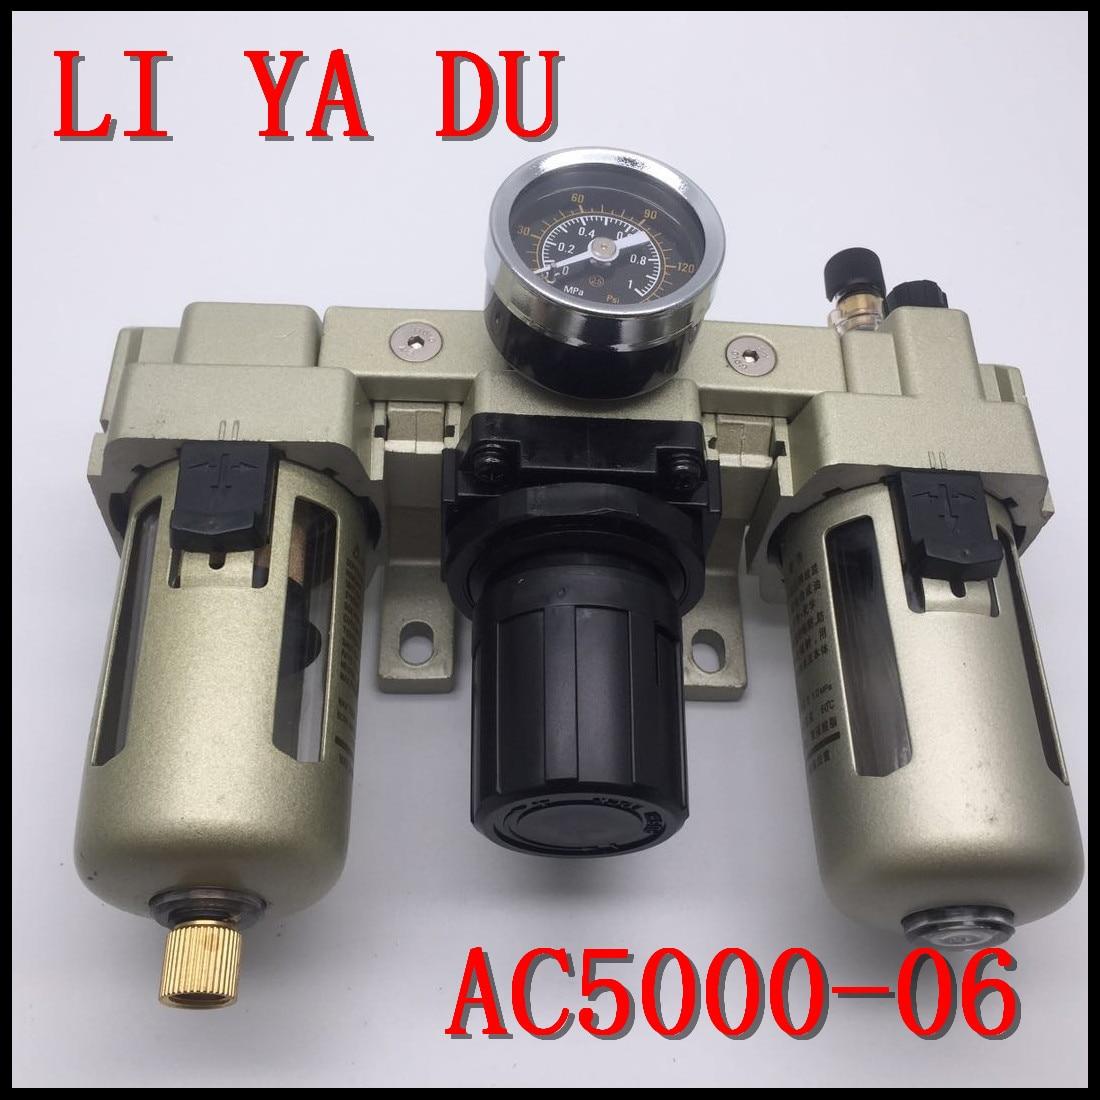 AC5000-06 G3/4 processore di fonte di Aria filtro Aria valvola limitatrice di Sanlian pezziAC5000-06 G3/4 processore di fonte di Aria filtro Aria valvola limitatrice di Sanlian pezzi